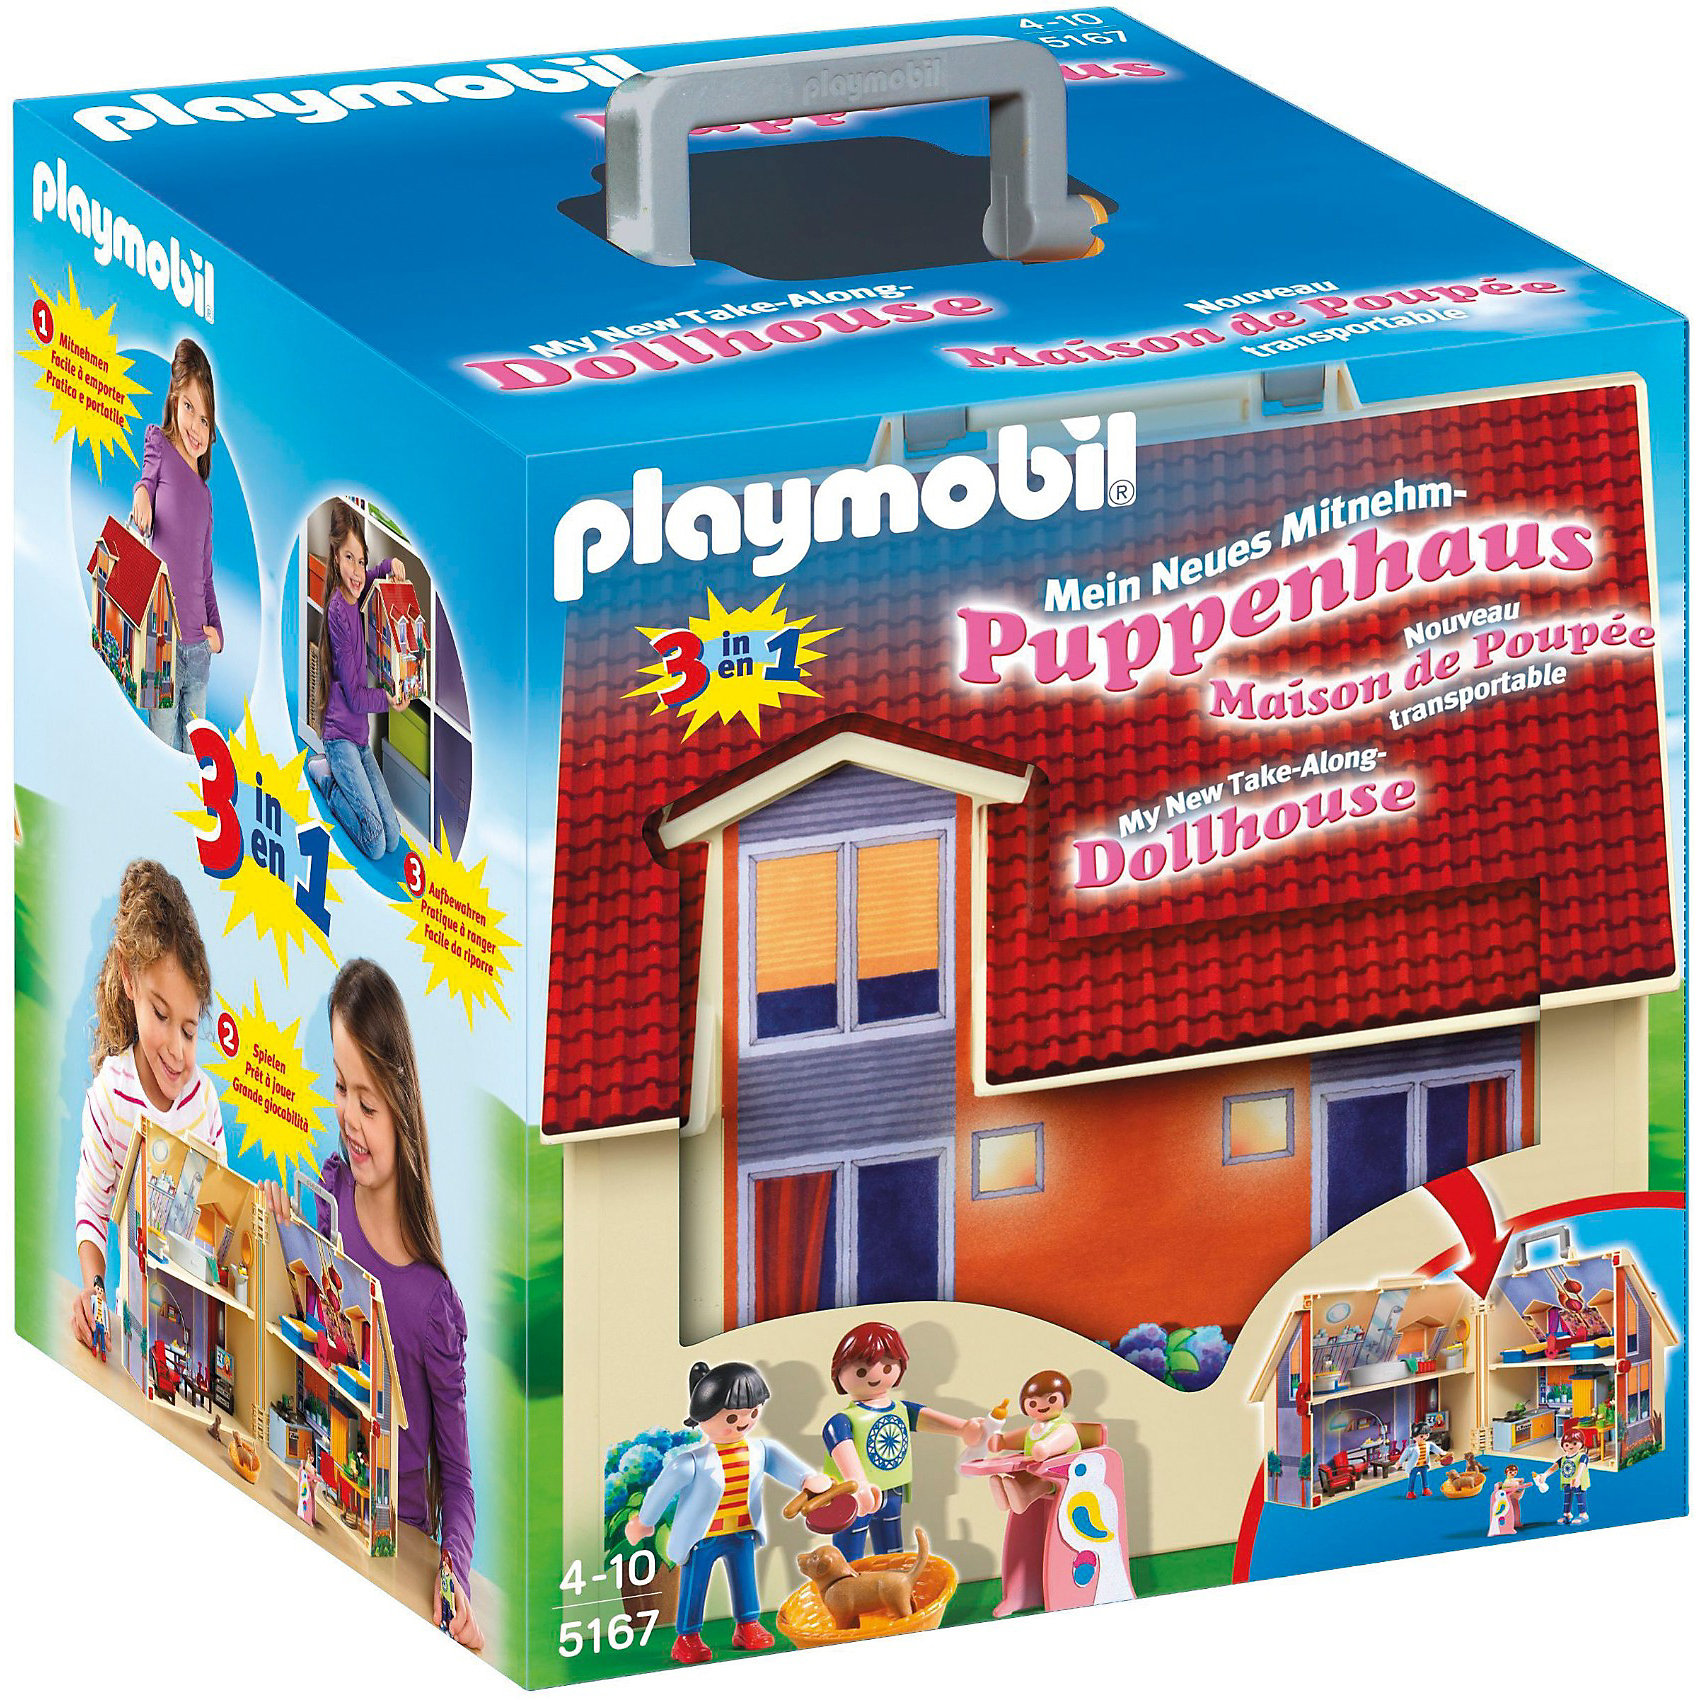 Возьми с собой: Кукольный дом, PLAYMOBILНабор Кукольный дом приведет в восторг любую девочку! В этом уютном двухэтажном домике есть все необходимое: кухня, гостиная, спальная комната, ванная комната. Множество реалистично выполненных вещей и аксессуаров сделают игру ребенка интересной и увлекательной. Также в комплекте вы найдете фигурки взрослых, фигурку ребенка и двух собак. Домик легко собирается и дополнен удобной ручкой для переноски, так что ребенок сможет брать его с собой на прогулку, в поездку или в гости. Все детали набора прекрасно проработаны, выполнены из высококачественного пластика. Играть с таким домом не только приятно и интересно - подобные виды игры развивают мелкую моторику, воображение, творческое мышление.<br><br>Дополнительная информация:<br><br>- Комплектация: кукольный домик, две фигурки взрослого человека, одна фигурка маленького человека, два щенка, домашние принадлежности (две сковородки, две зелёные тарелки, одна синяя тарелка, две корзины, фен, детская бутылочка с молоком, три зелёные чашки, одна жёлтая чашка, тапочки, ваза с цветами, два жёлтых полотенца, одно зелёное полотенце, четыре ножика, четыре вилки, два бокала, кетчуп, две зубные щётки, тюбик и щётка), мебель (холодильник, раковина с плитой. стол, два стула, детский столик, детская кроватка, две взрослые кроватки, туалет, ванна, раковина, телевизор, тумбочка, журнальный столик и два кресла).<br>- Материал: пластик.<br>- 3 фигурки в комплекте: 2 взрослых, 1 ребенок.<br>- Размер упаковки: 27 х 24 х 29 см.<br>- Размер дома: 25х26 см.<br>- Высота фигурки взрослого: 7,5 см. <br>- Голова, руки, ноги у фигурок подвижные.<br><br>PLAYMOBIL  (Плеймобил) Возьми с собой: Кукольный дом можно купить в нашем магазине.<br><br>Ширина мм: 300<br>Глубина мм: 274<br>Высота мм: 246<br>Вес г: 1532<br>Возраст от месяцев: 48<br>Возраст до месяцев: 120<br>Пол: Женский<br>Возраст: Детский<br>SKU: 2435592